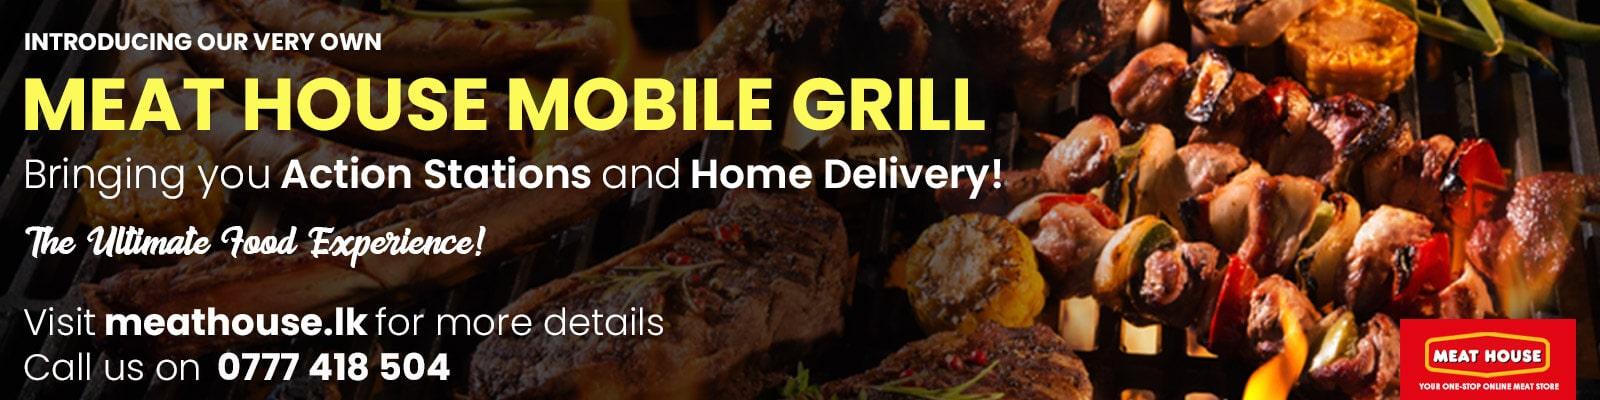 www.meathouse.lk